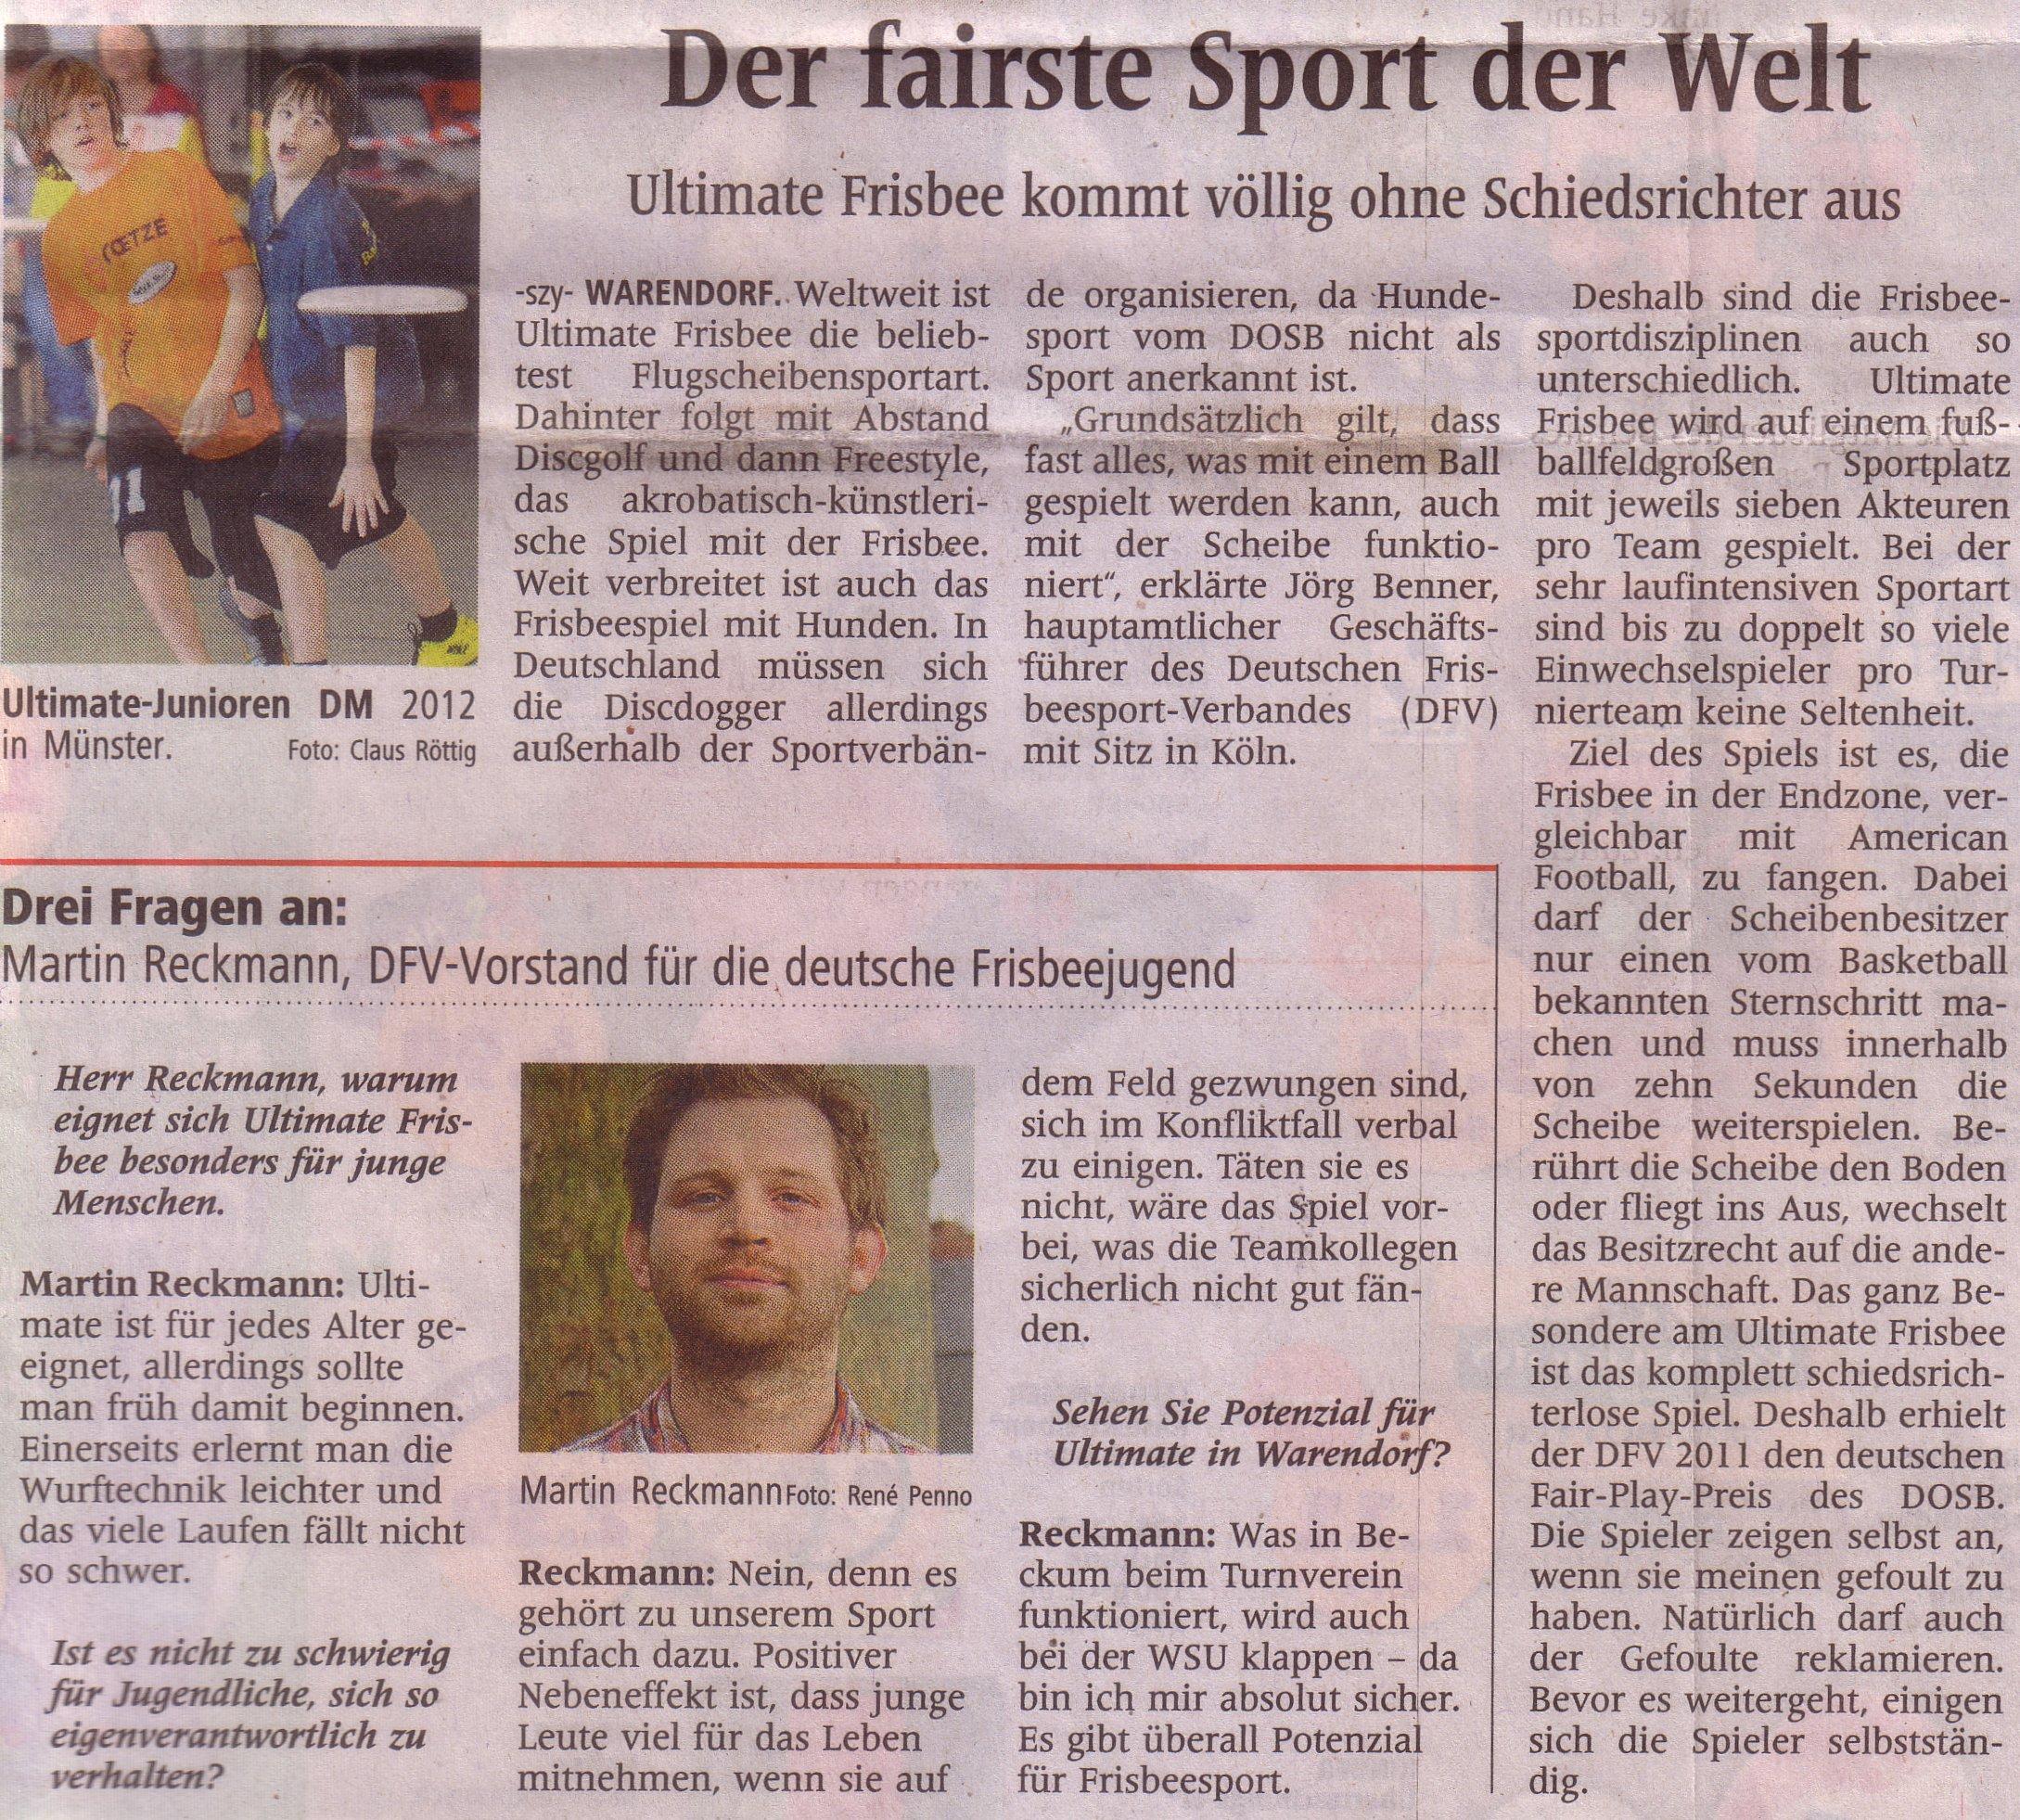 WN_01.04.2015_Fairster-Sport-der-Welt